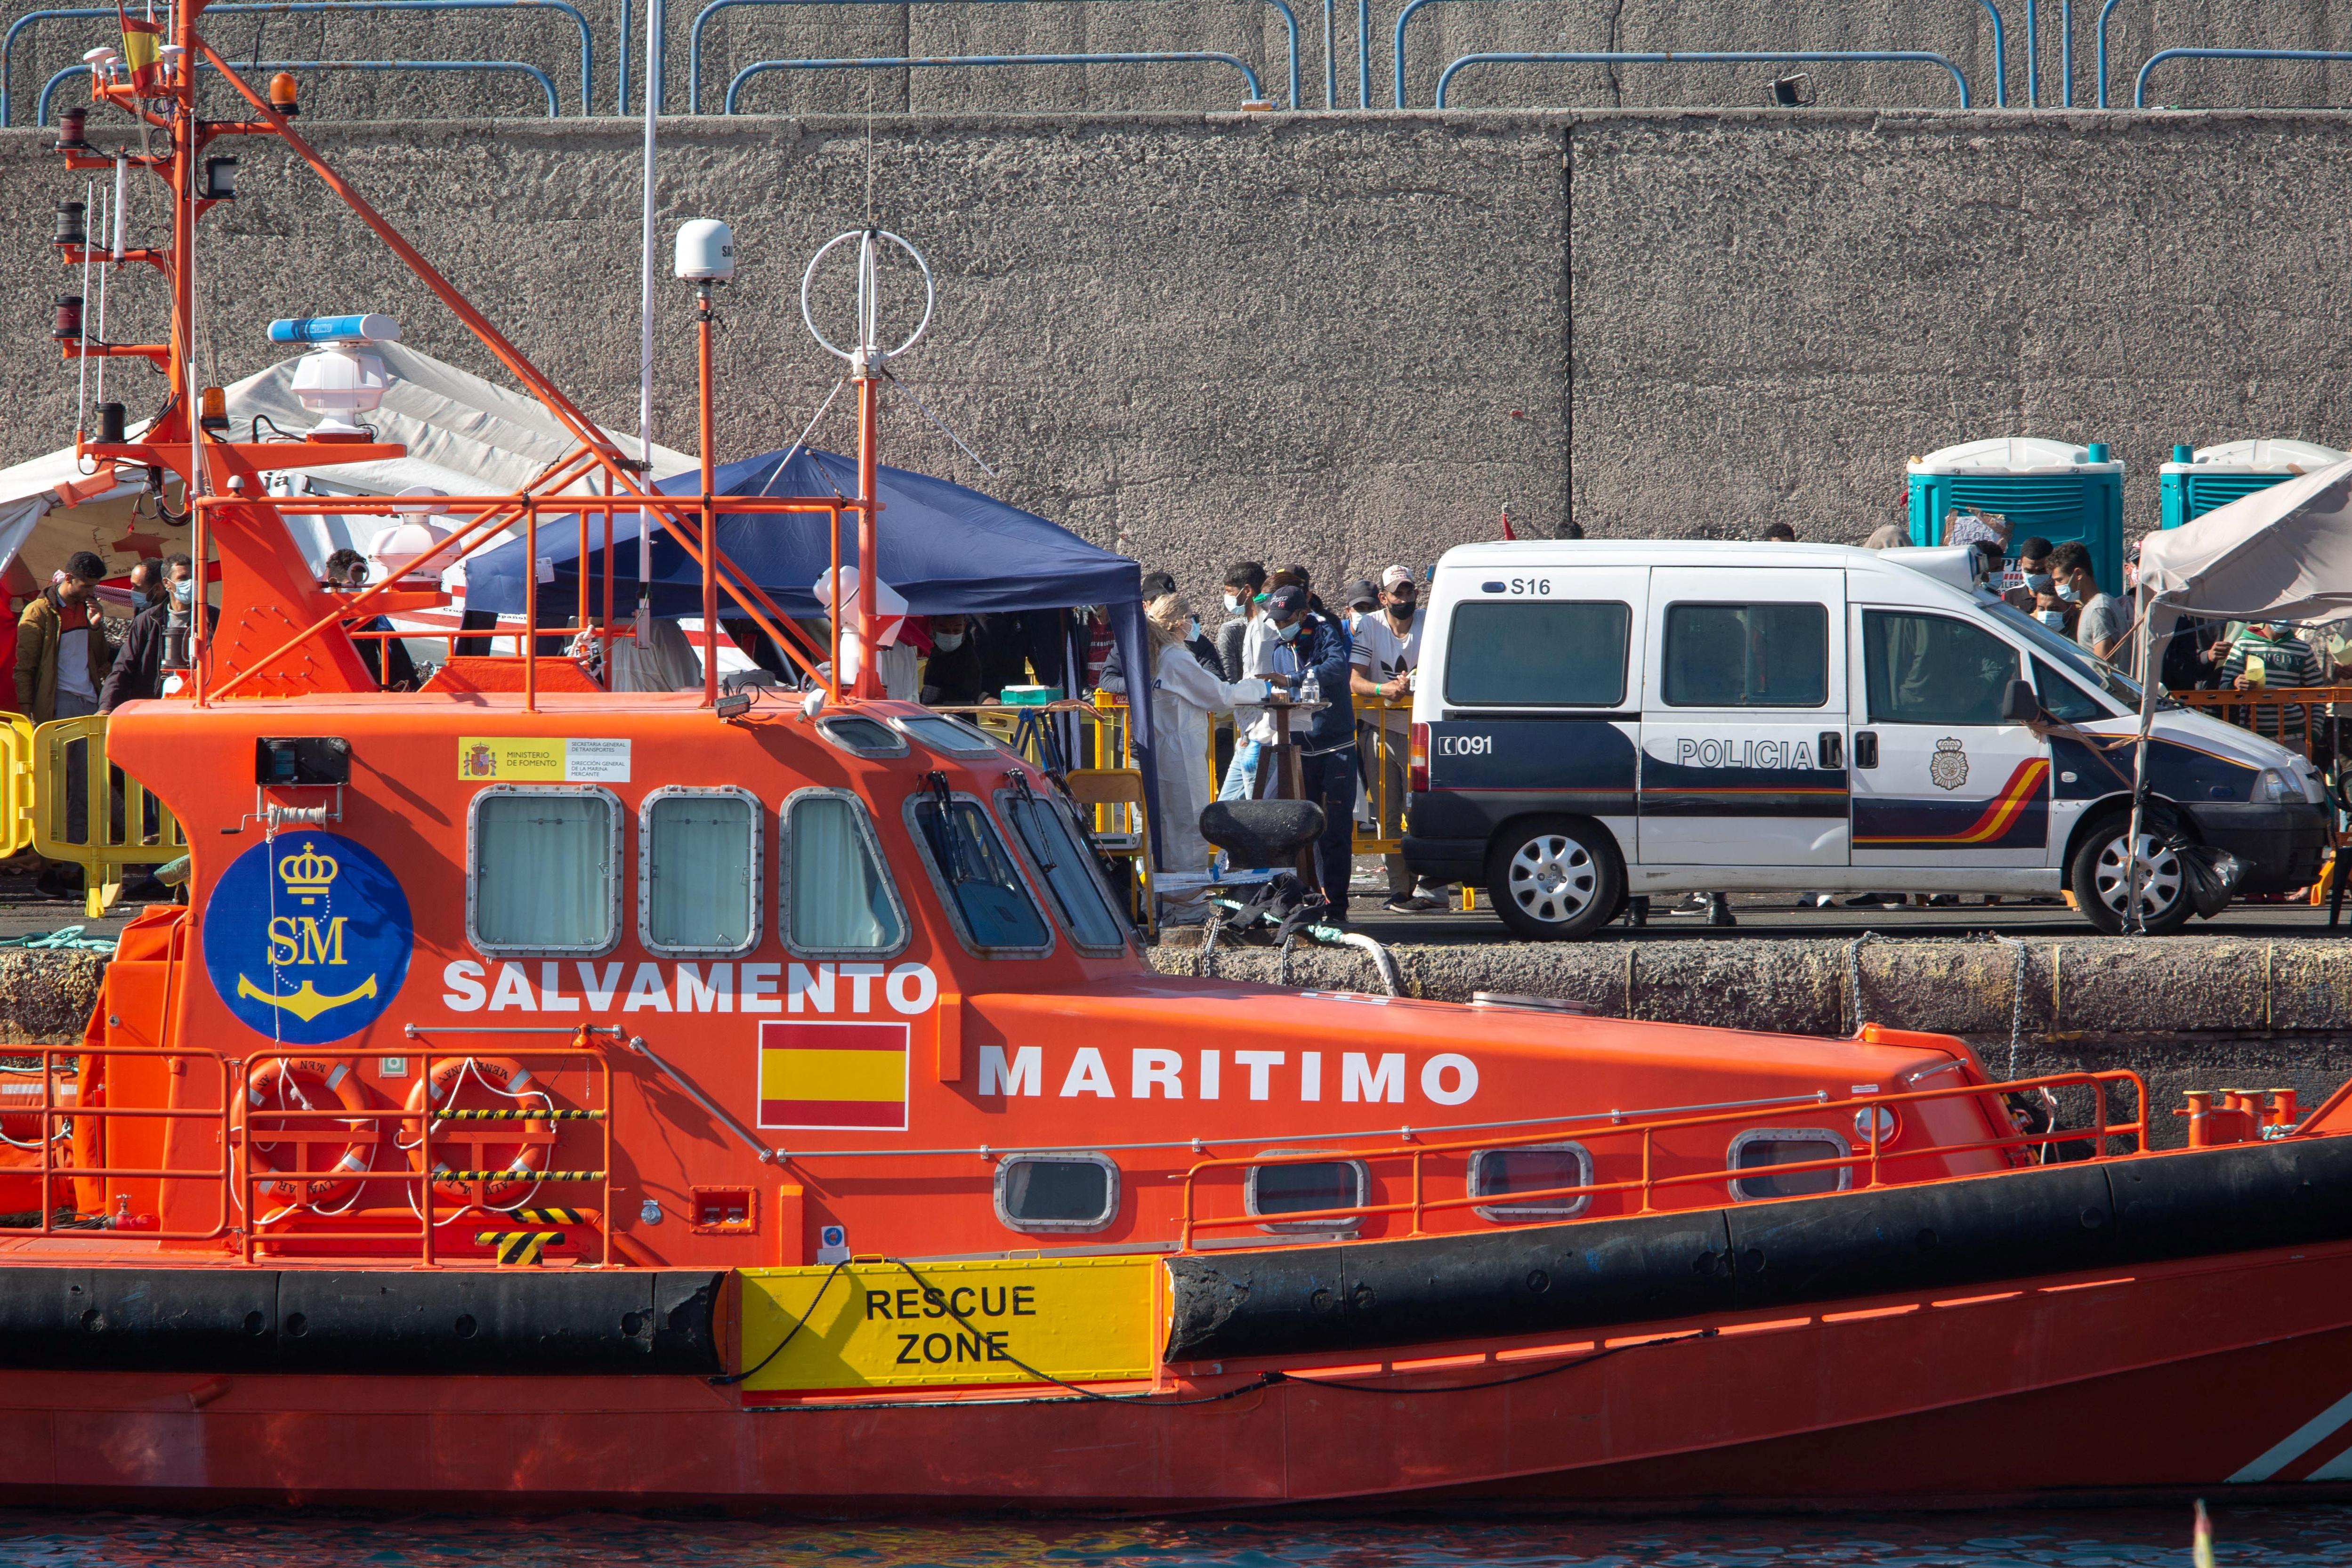 Tíz ember került kórházba, miután a spanyol partiőrség egy bevándorlókat szállító hajót mentett meg a Kanári-szigetek közelében